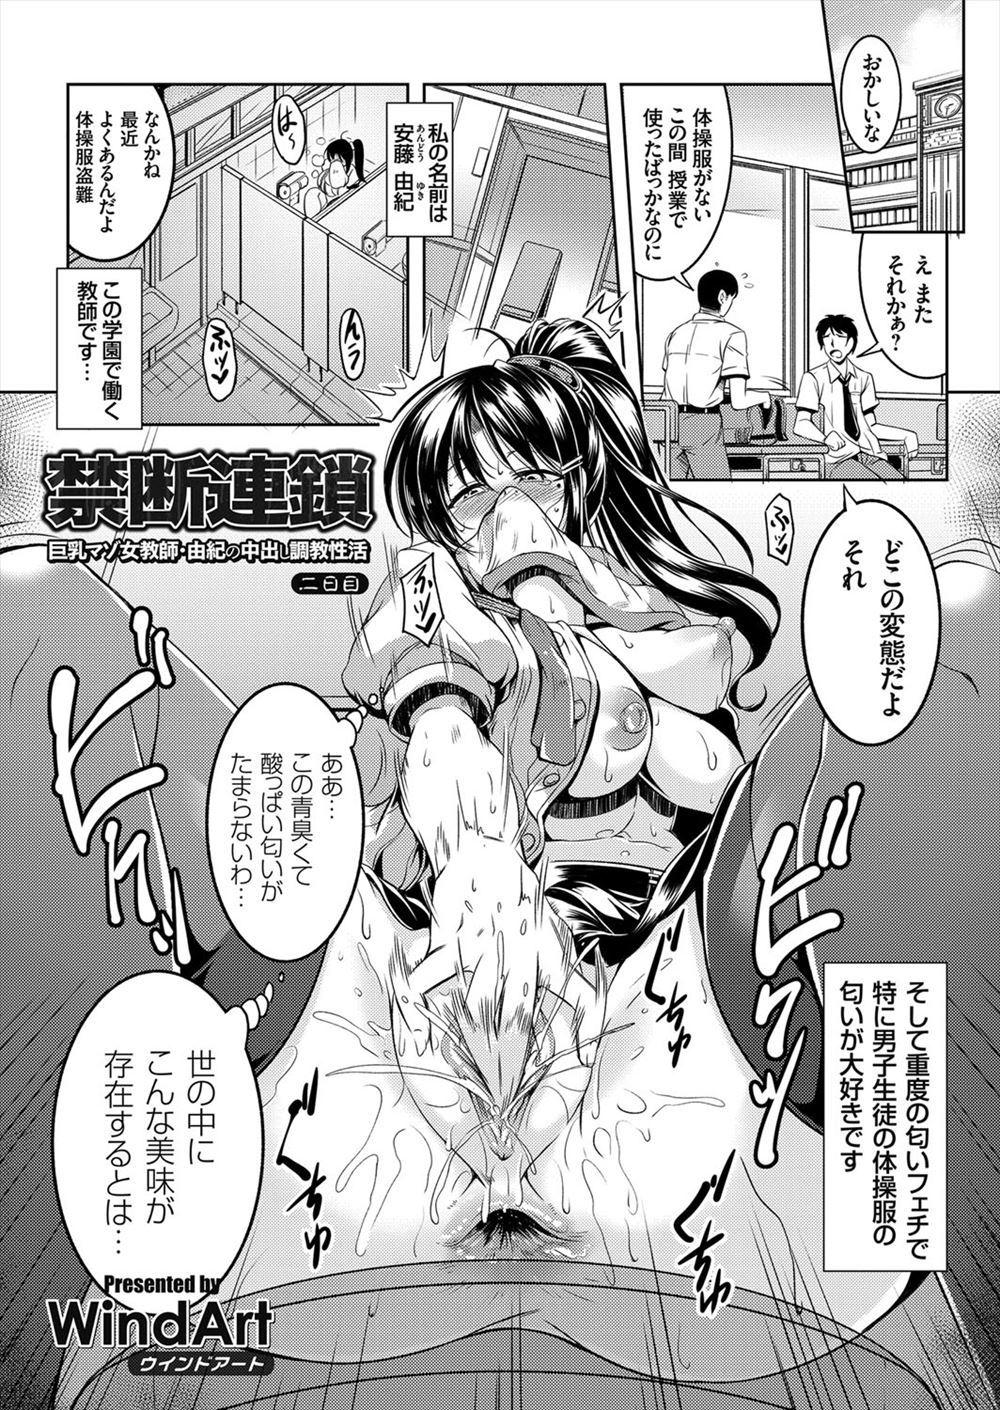 【エロ漫画・エロ同人】男子生徒の汗の匂いが好きな変態女教師は、彼女の秘密を知る生徒に調教されて性奴隷になるwww